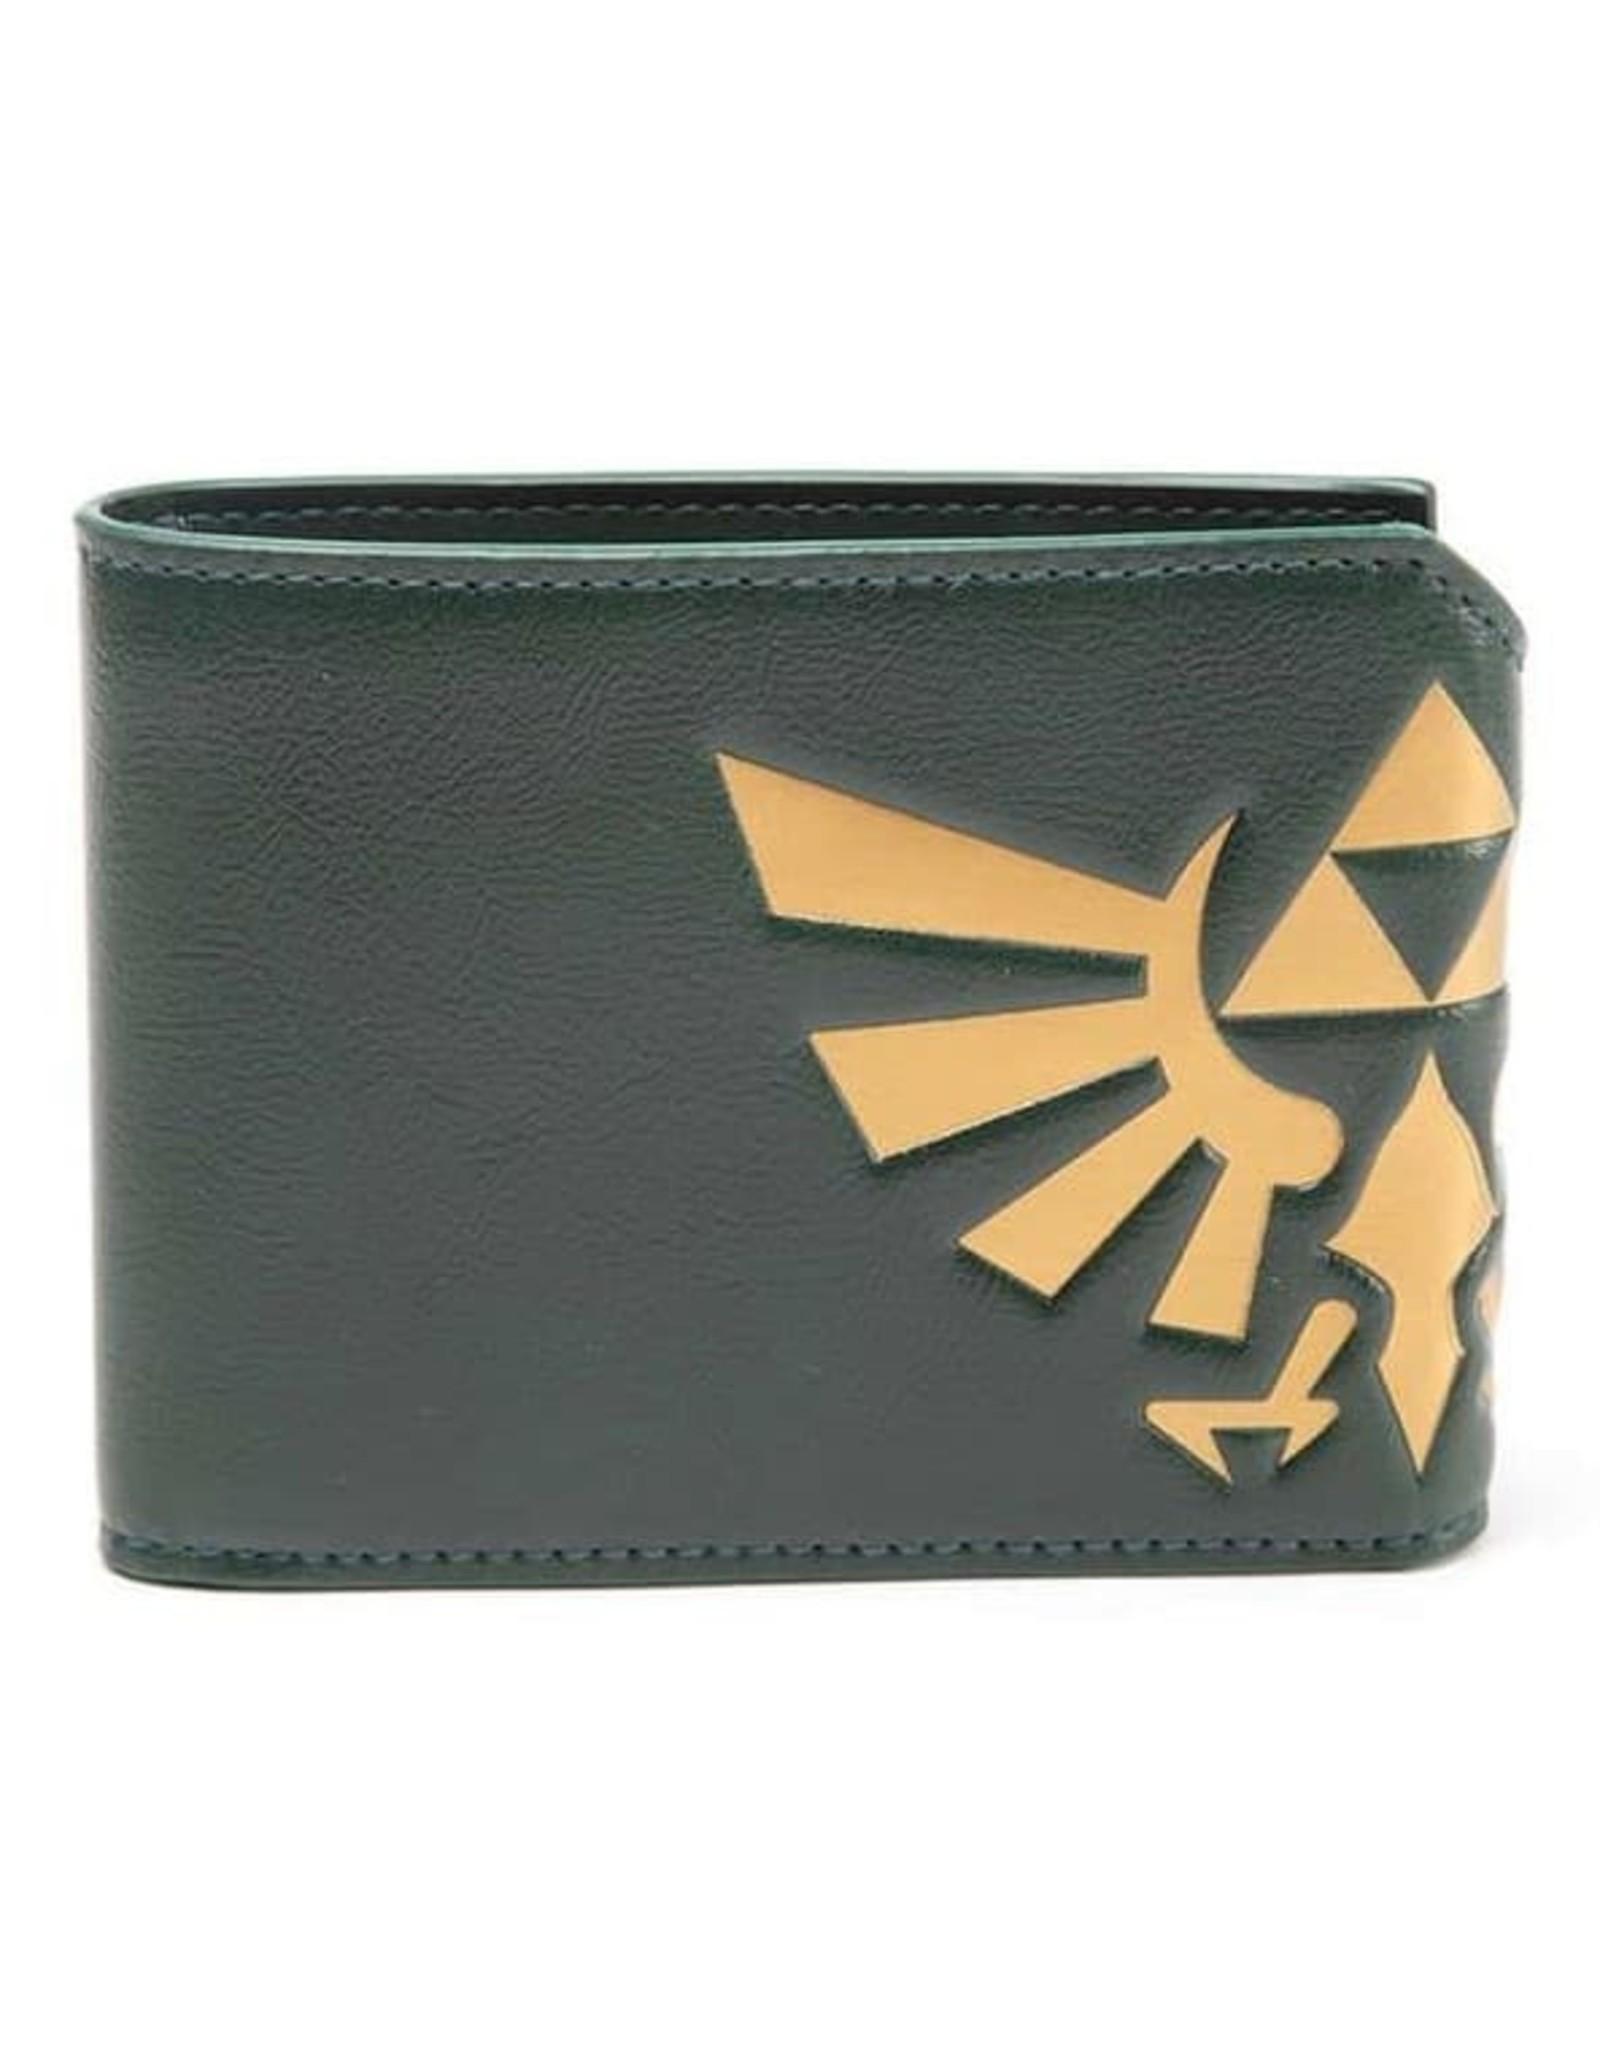 Zelda Merchandise tassen - Legend of Zelda Hyrule Crest Portemonnee